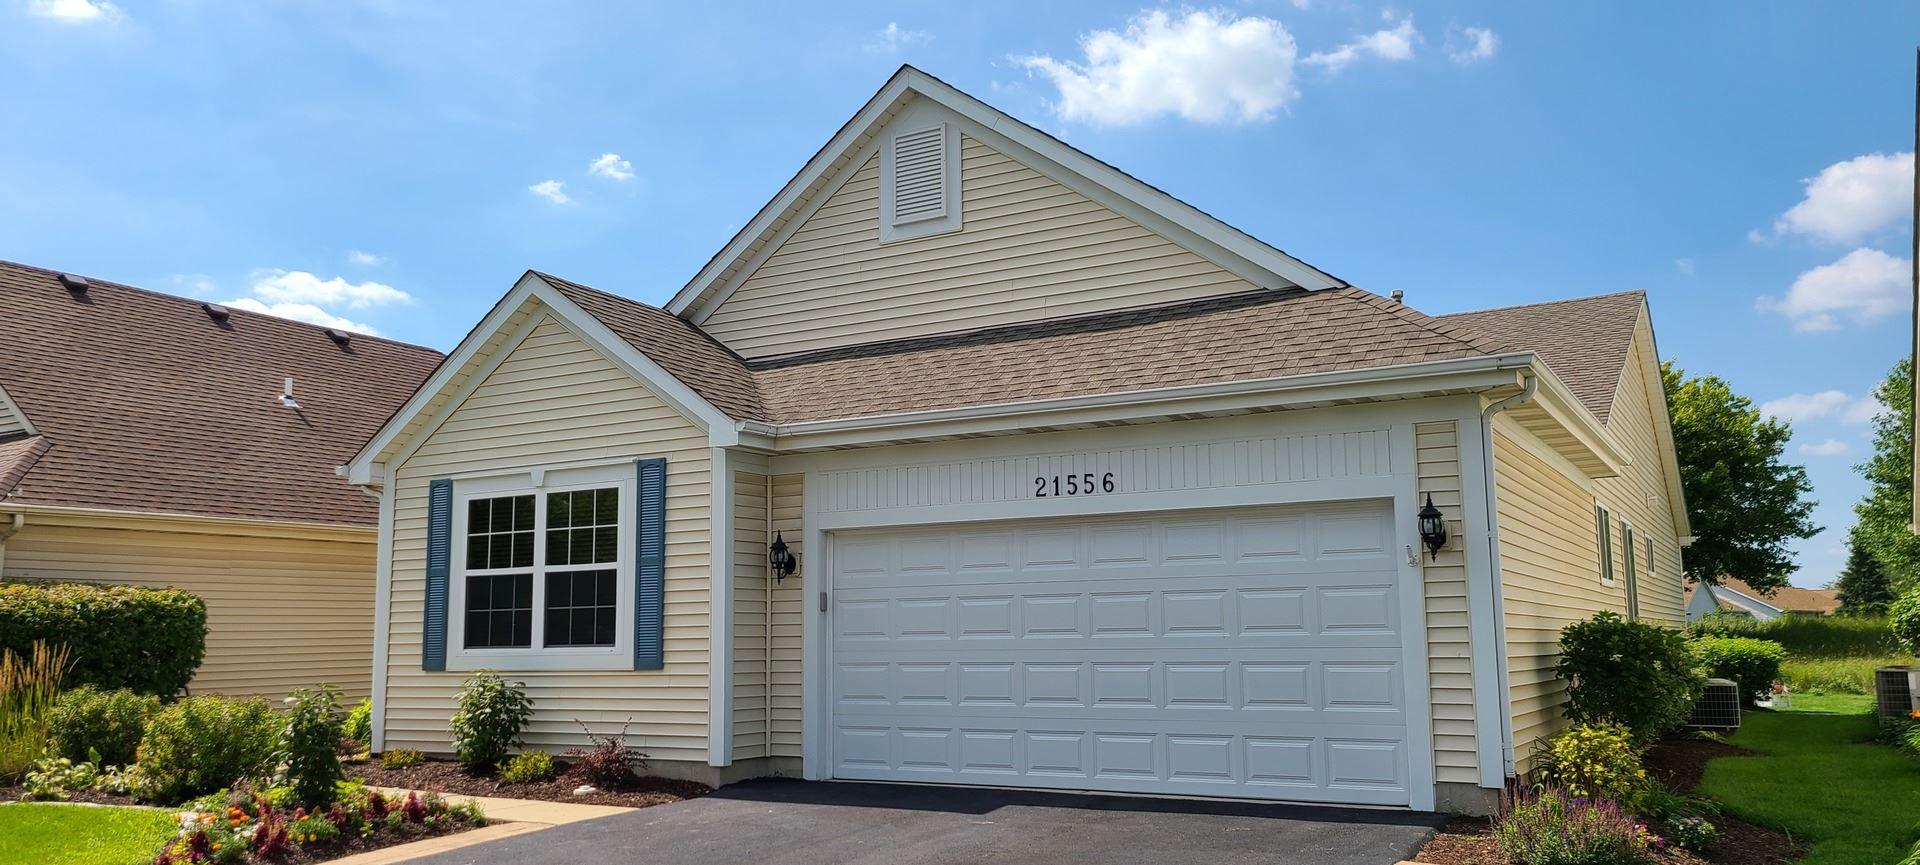 21556 W Larch Drive, Plainfield, IL 60544 - MLS#: 10802739